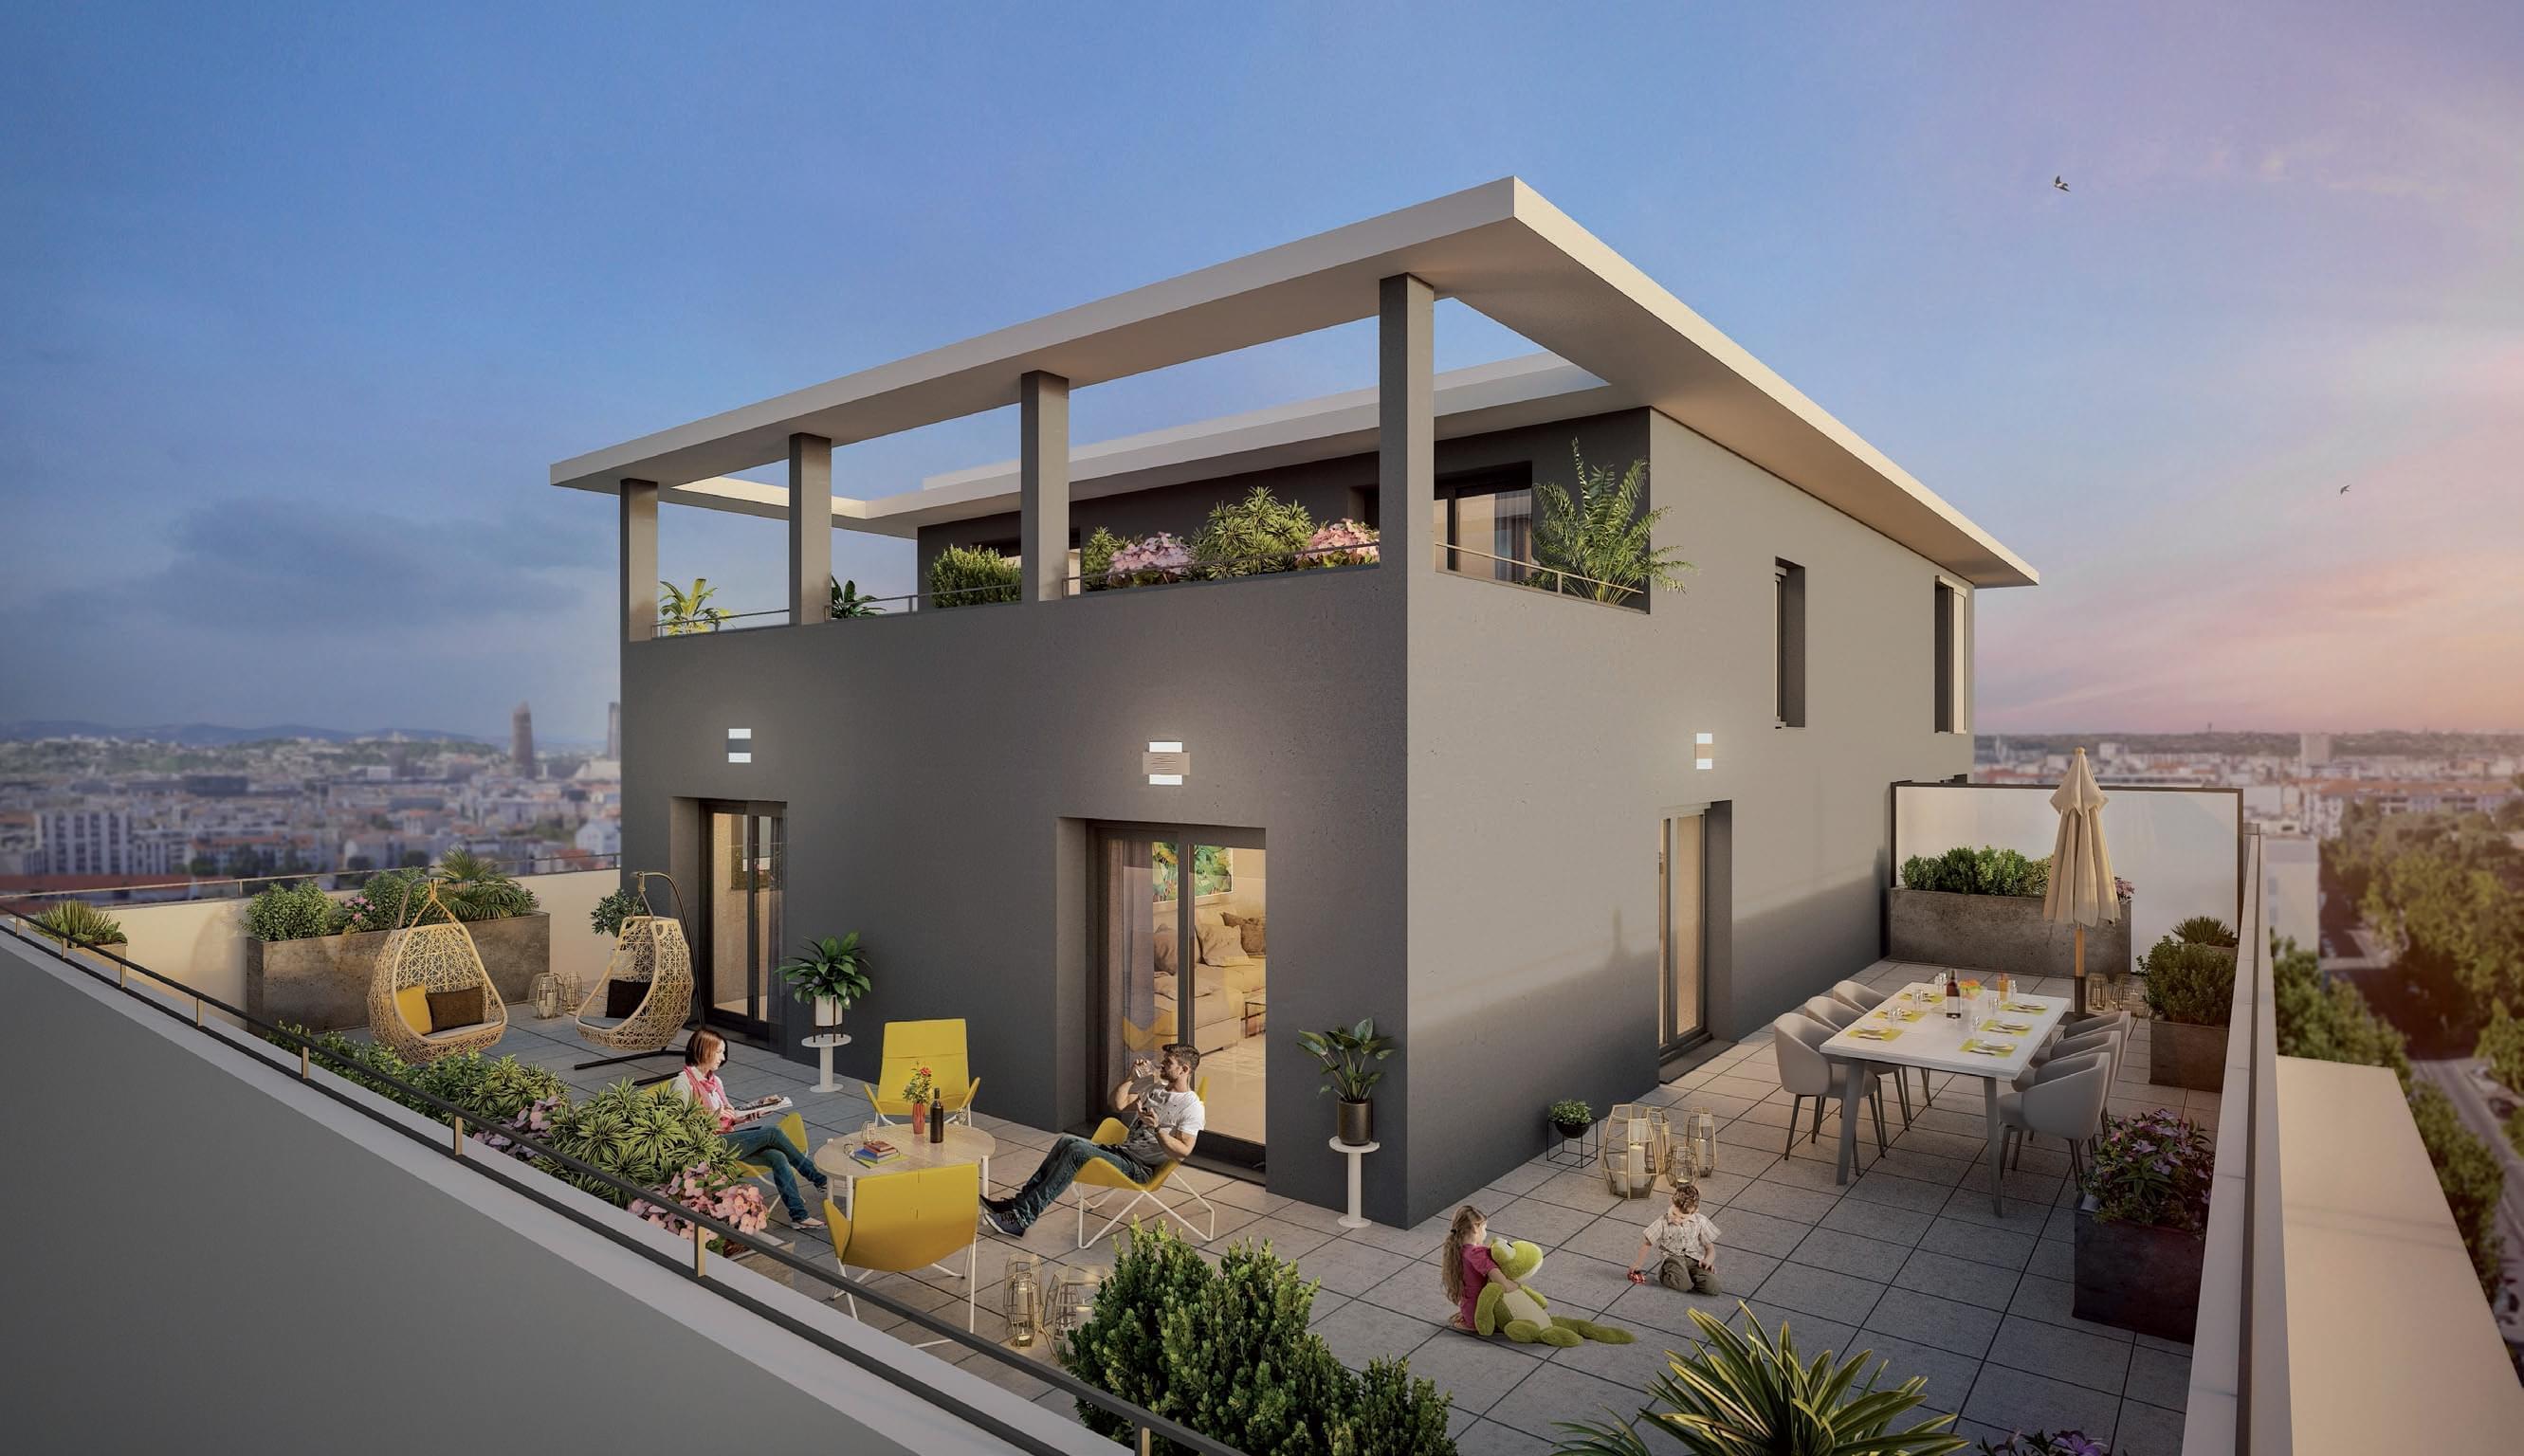 Résidence à Villeurbanne Tramway, Quartier Montchat, Balcon, terrasses,